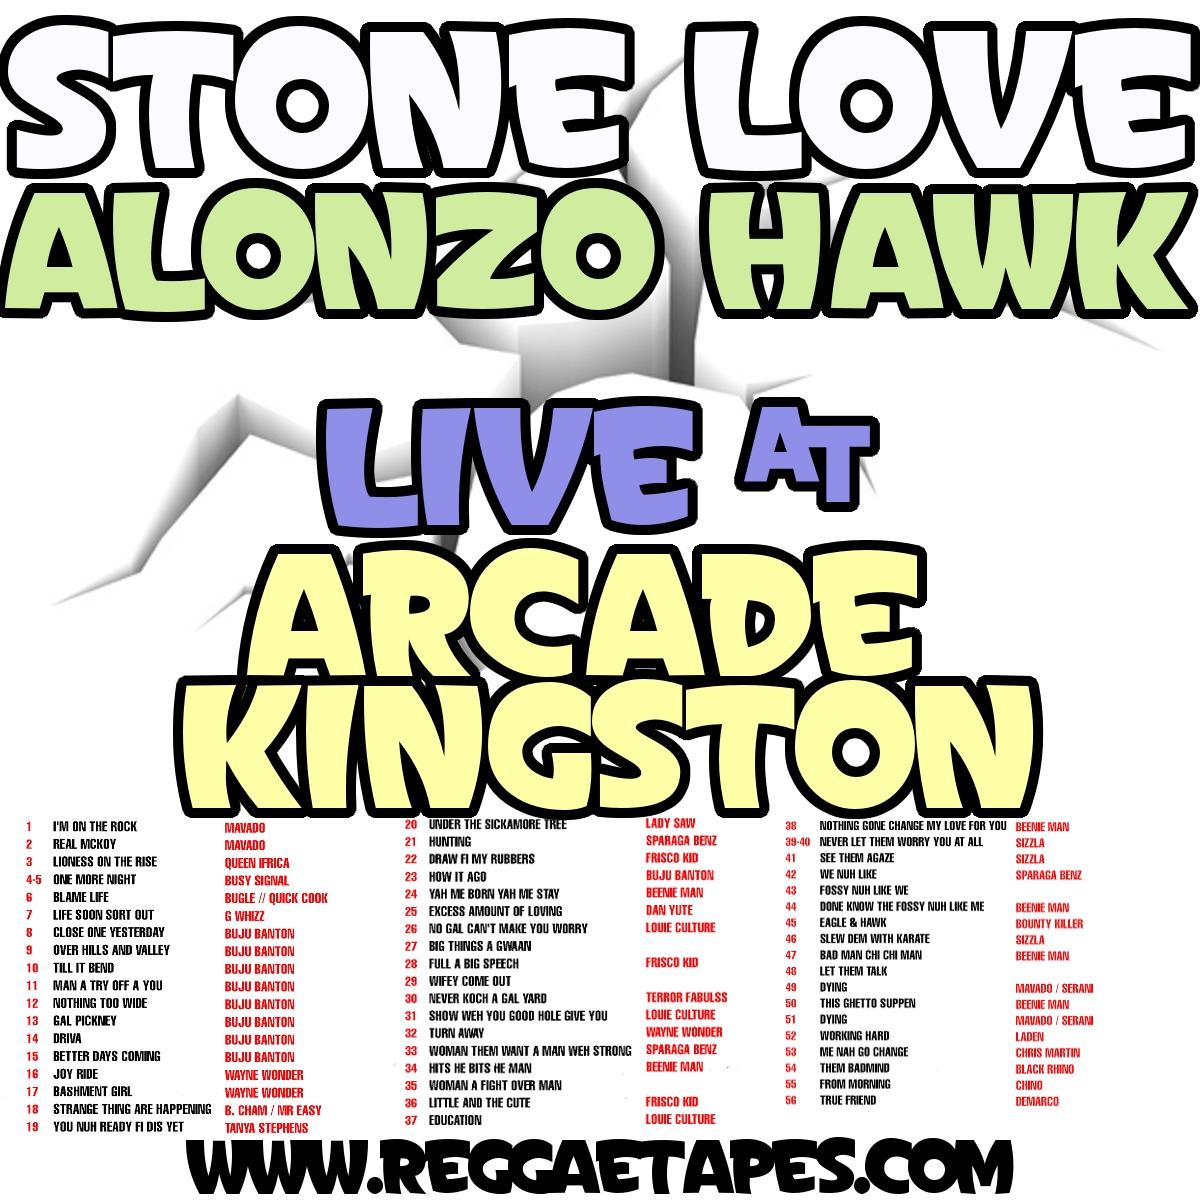 http://1.bp.blogspot.com/-fKSofMx4EmM/T6jBzJjbEuI/AAAAAAAAWnY/X-mYkZN4YGI/s1600/STONE+LOVE+ALONZO+HAWK+LIVE+AT+ARCADE.JPG